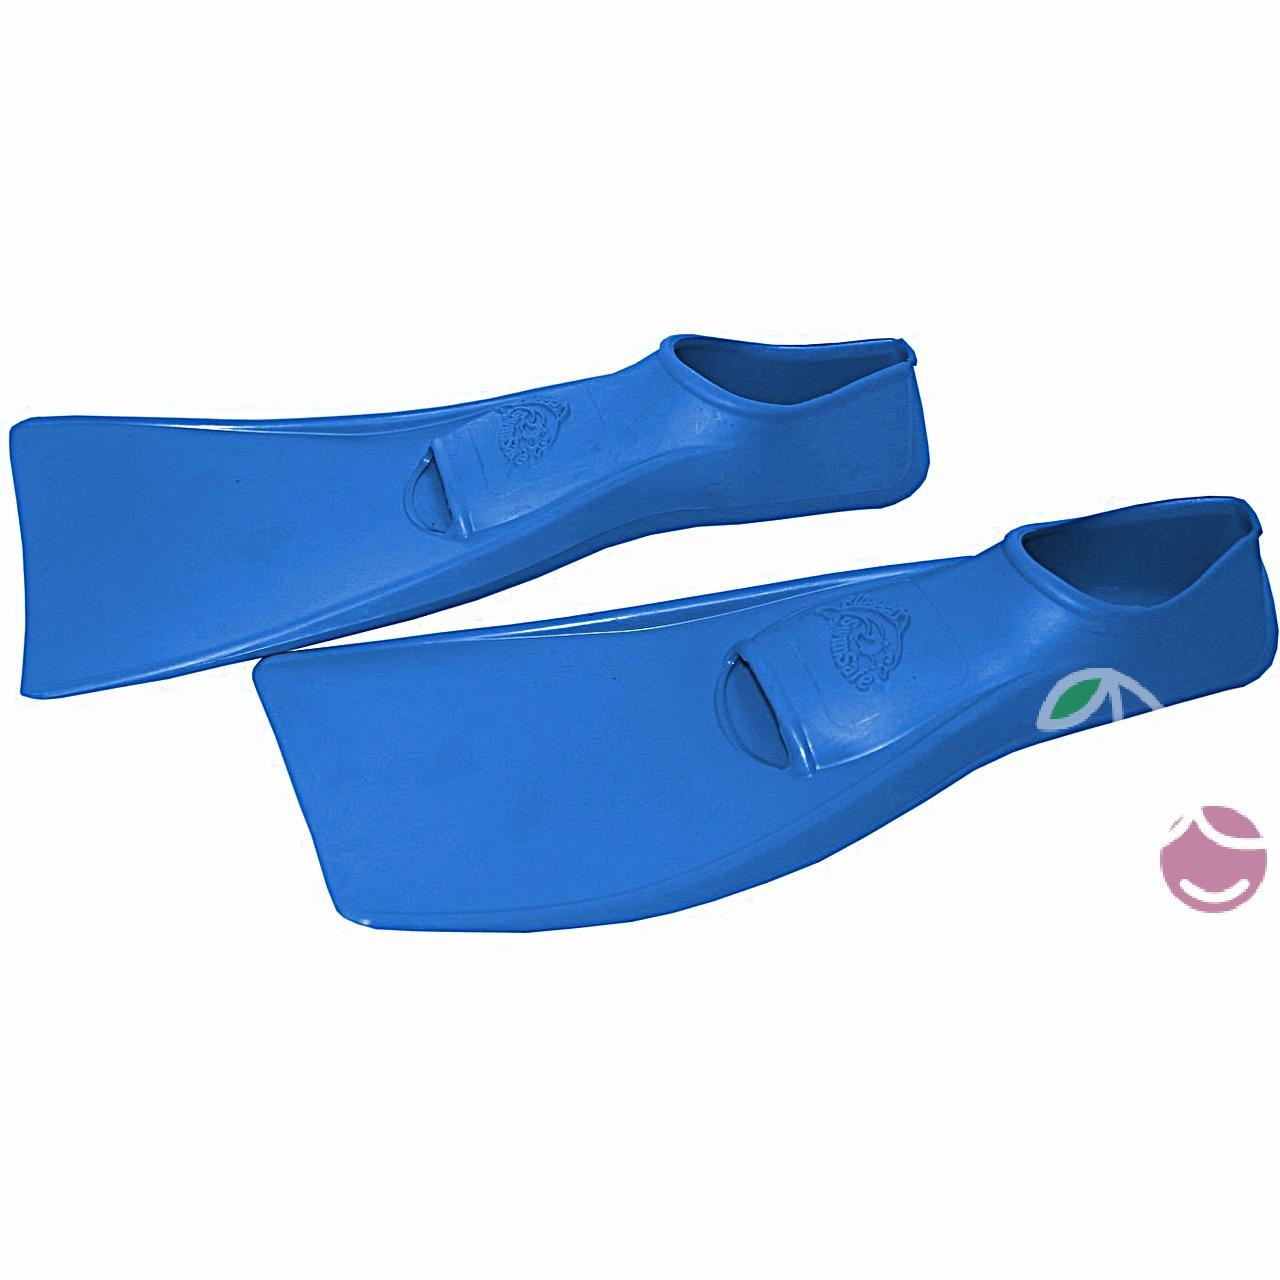 Ласты детские эластичные маленький размер 24 синие закрытая пятка SwimSafe (Свимсейф) Германия, - фото 2